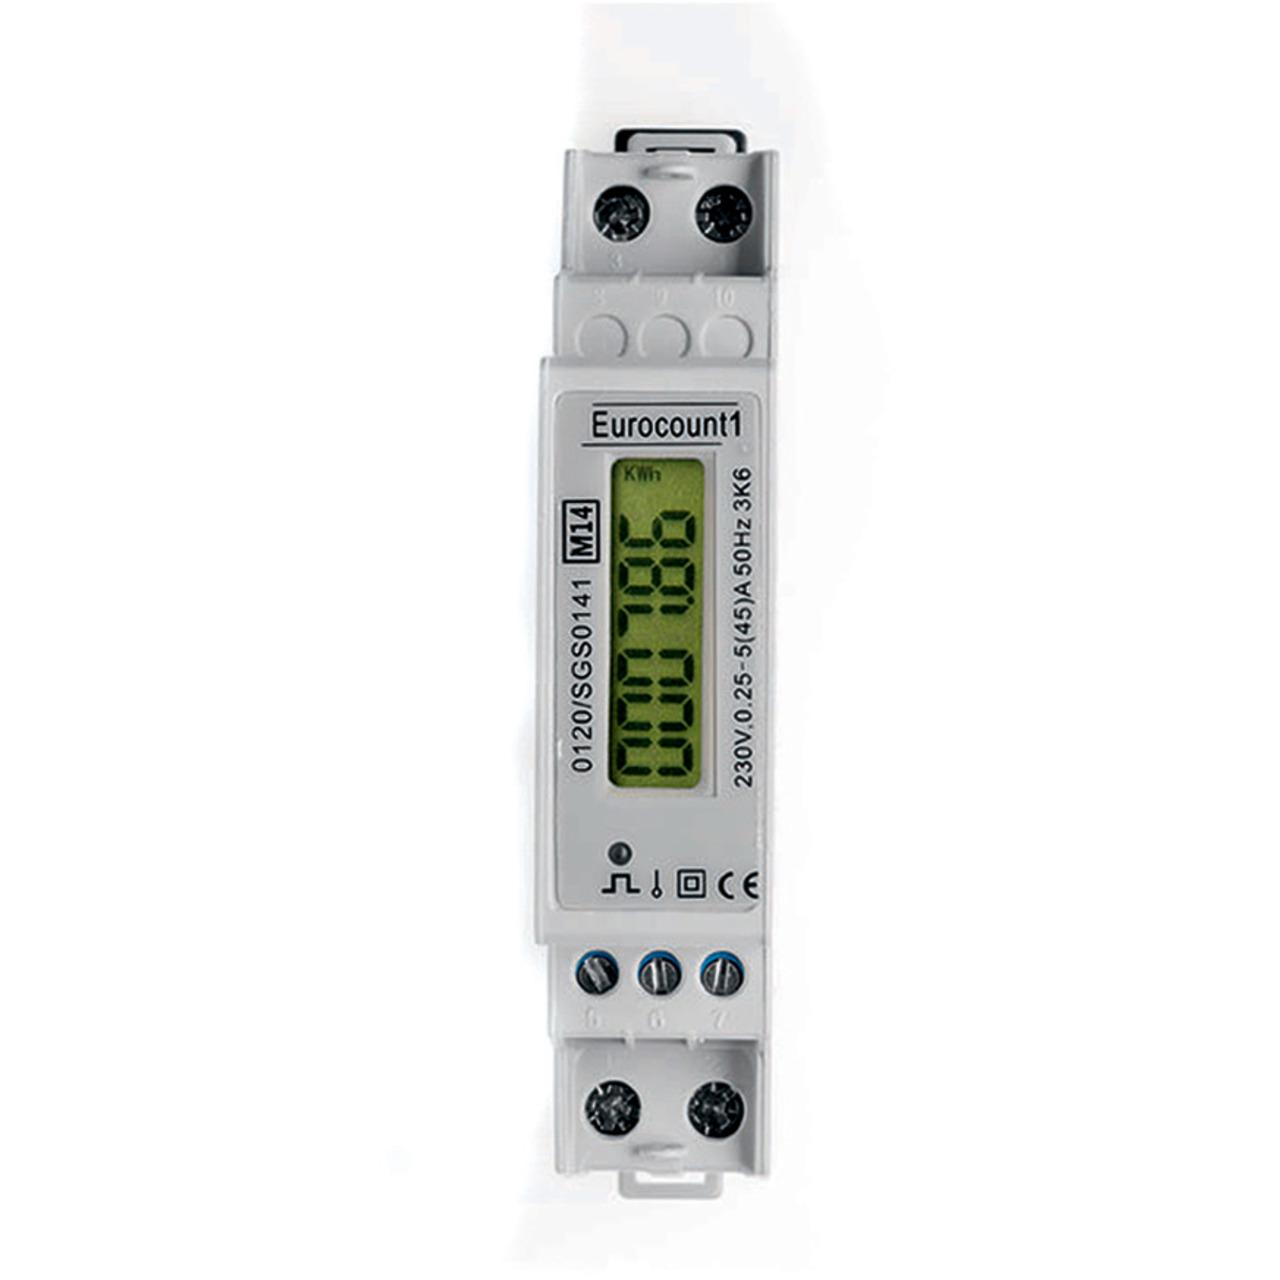 Digital-Wechselstromzähler SDM120D für Wirkverbrauch